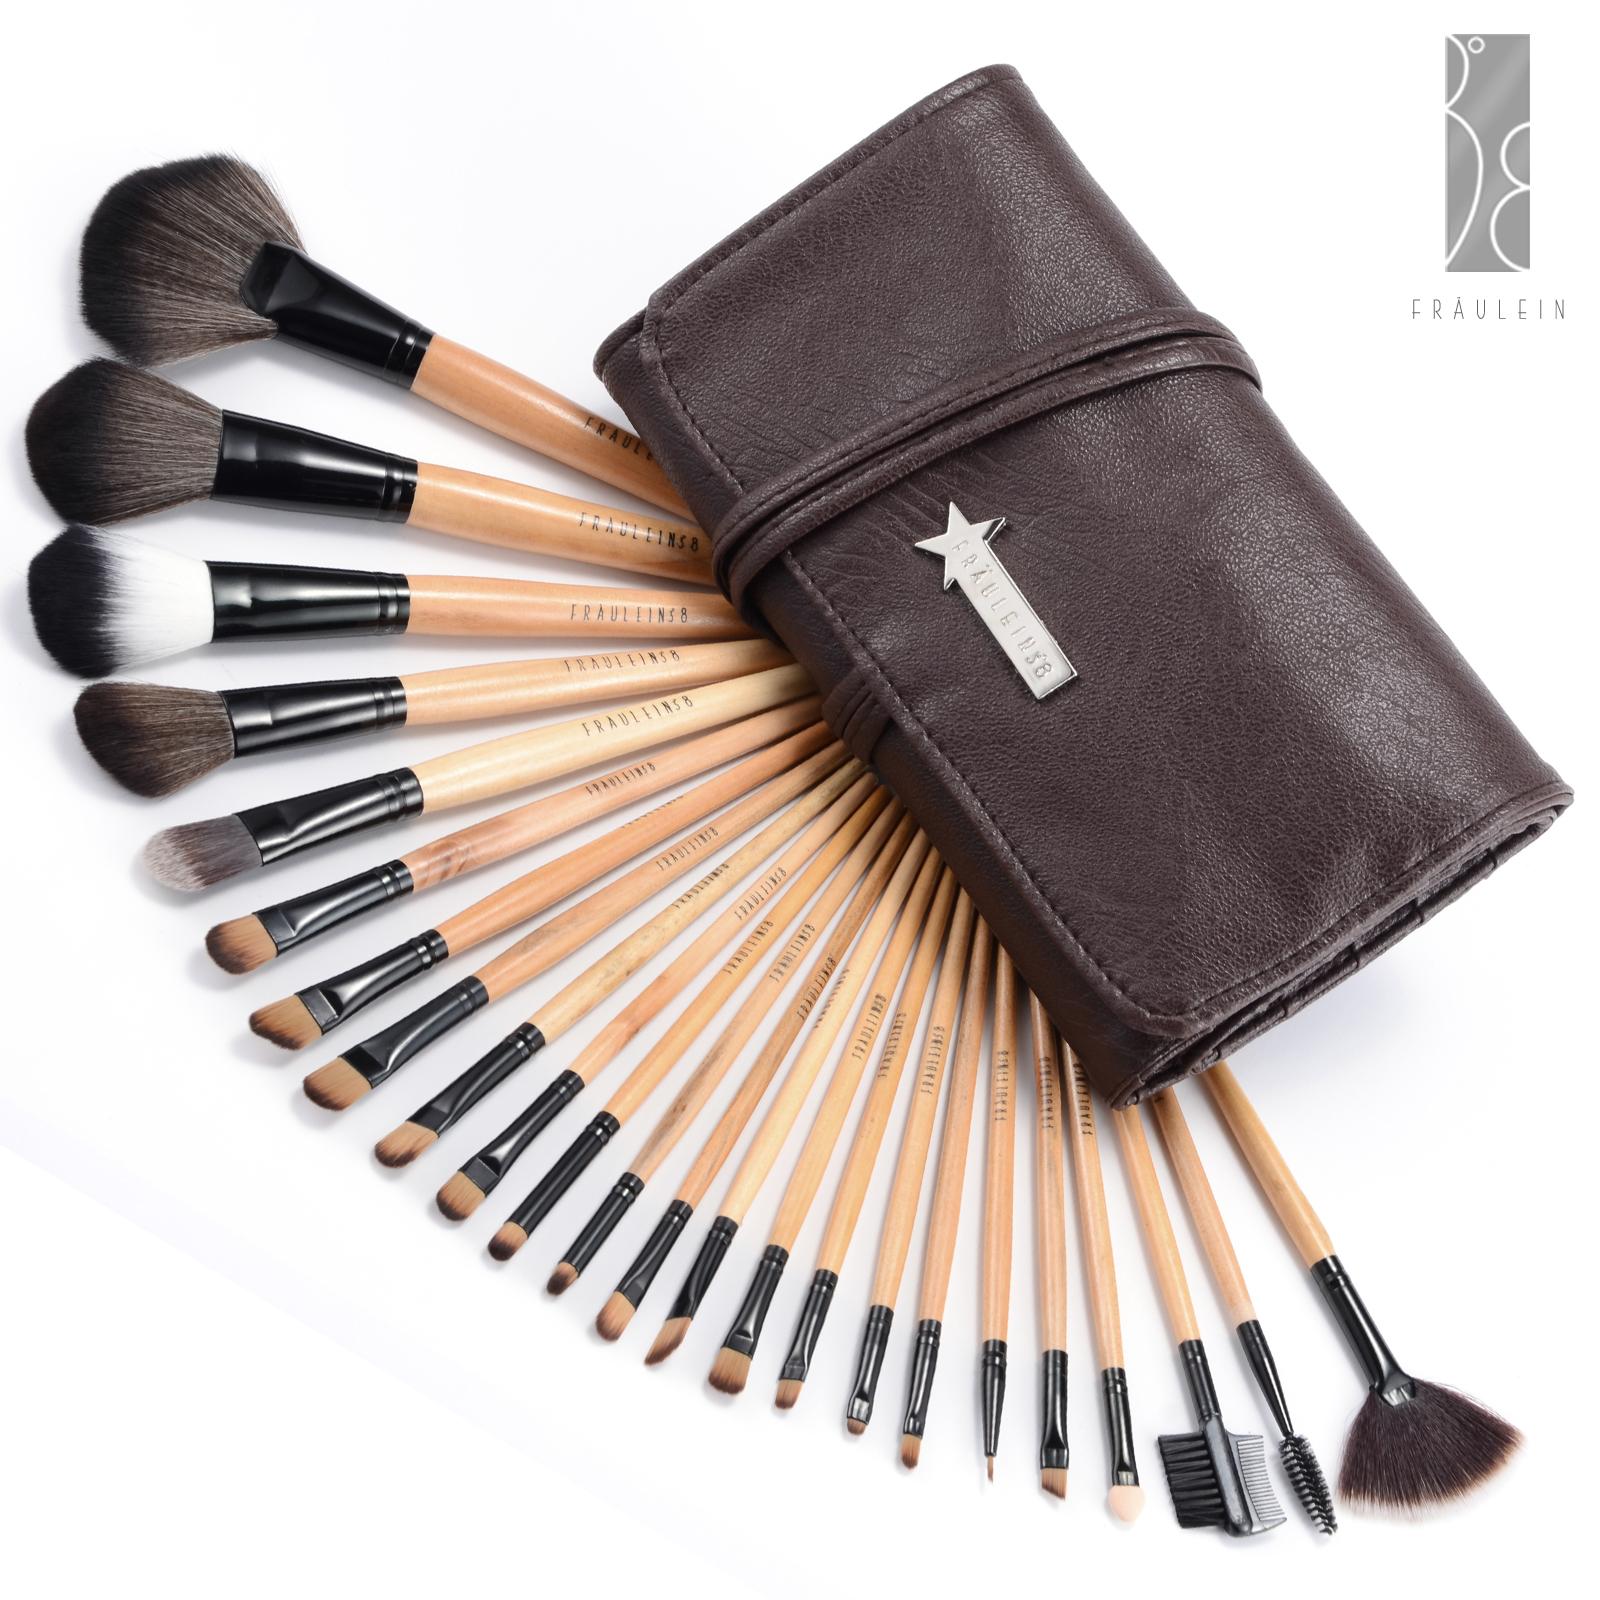 utensilios de maquillaje profesional